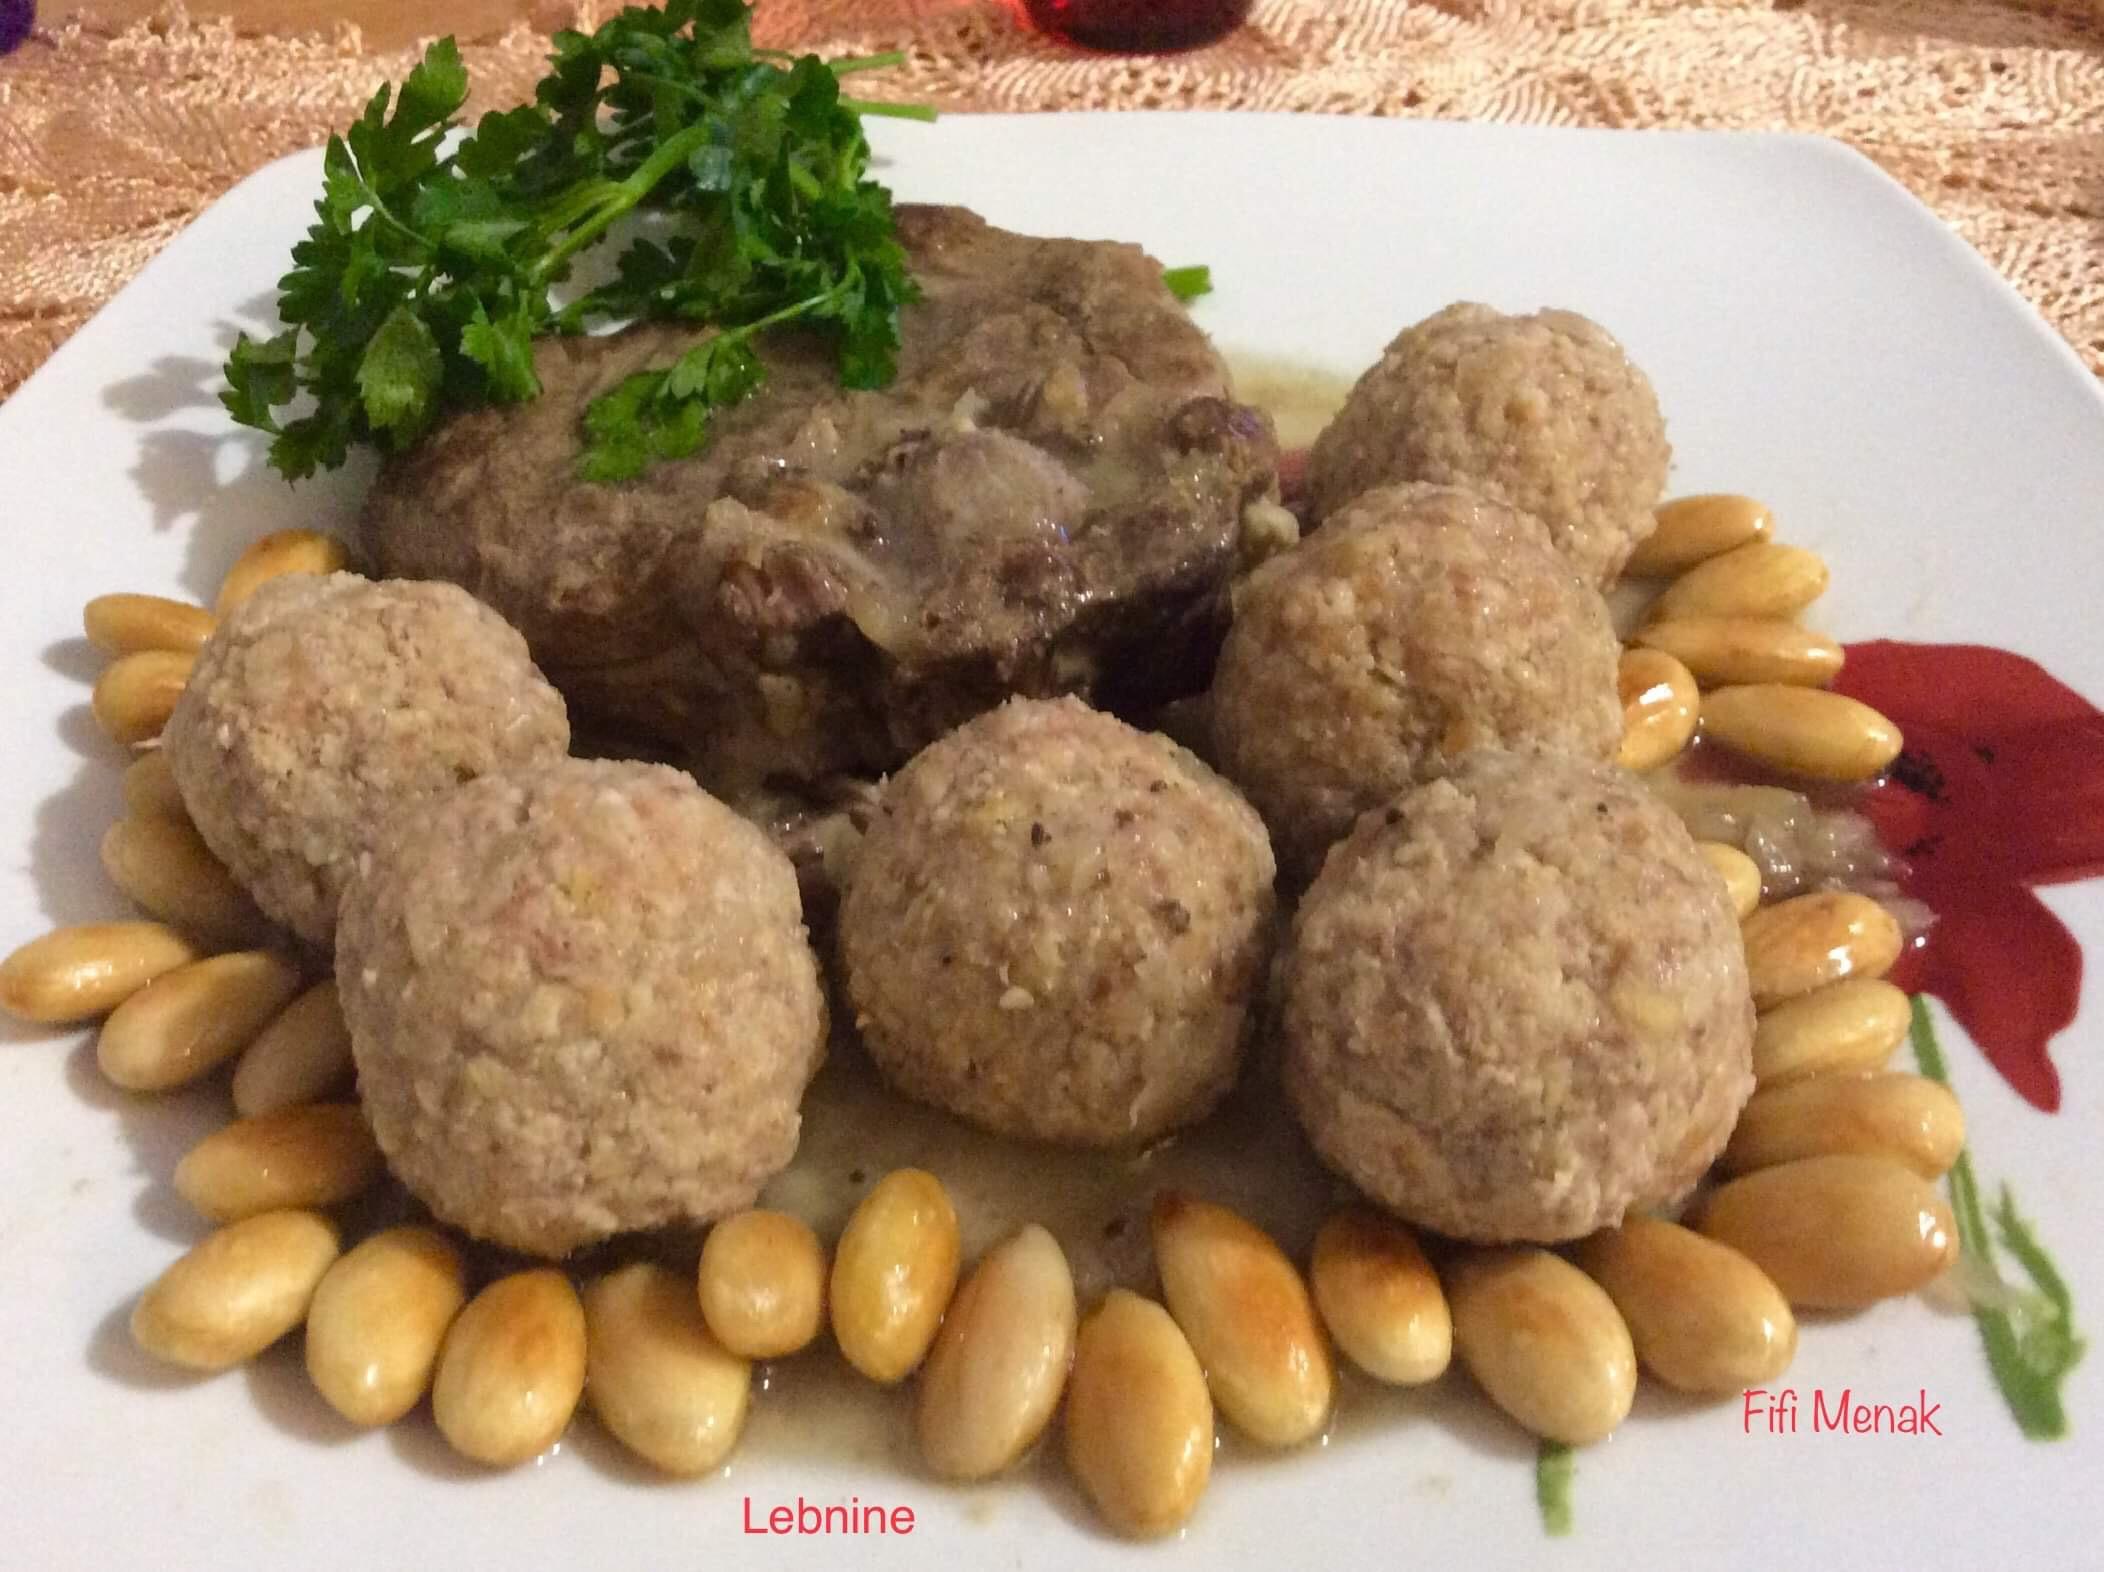 Lebnine-Boulettes de viande aux amandes